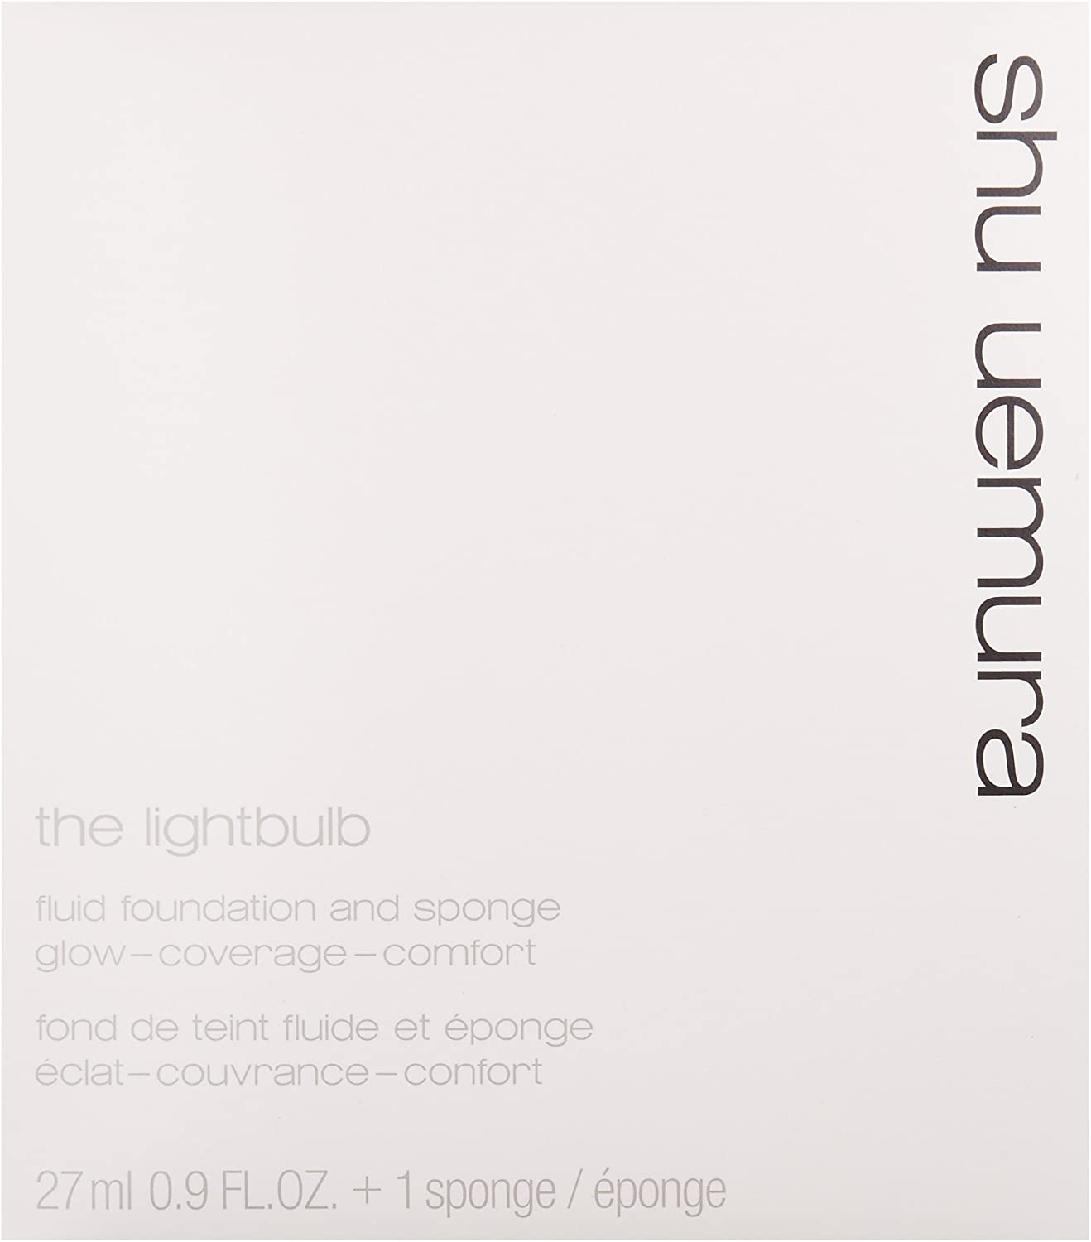 shu uemura(シュウ ウエムラ) ザ・ライトバルブ フルイドの商品画像3